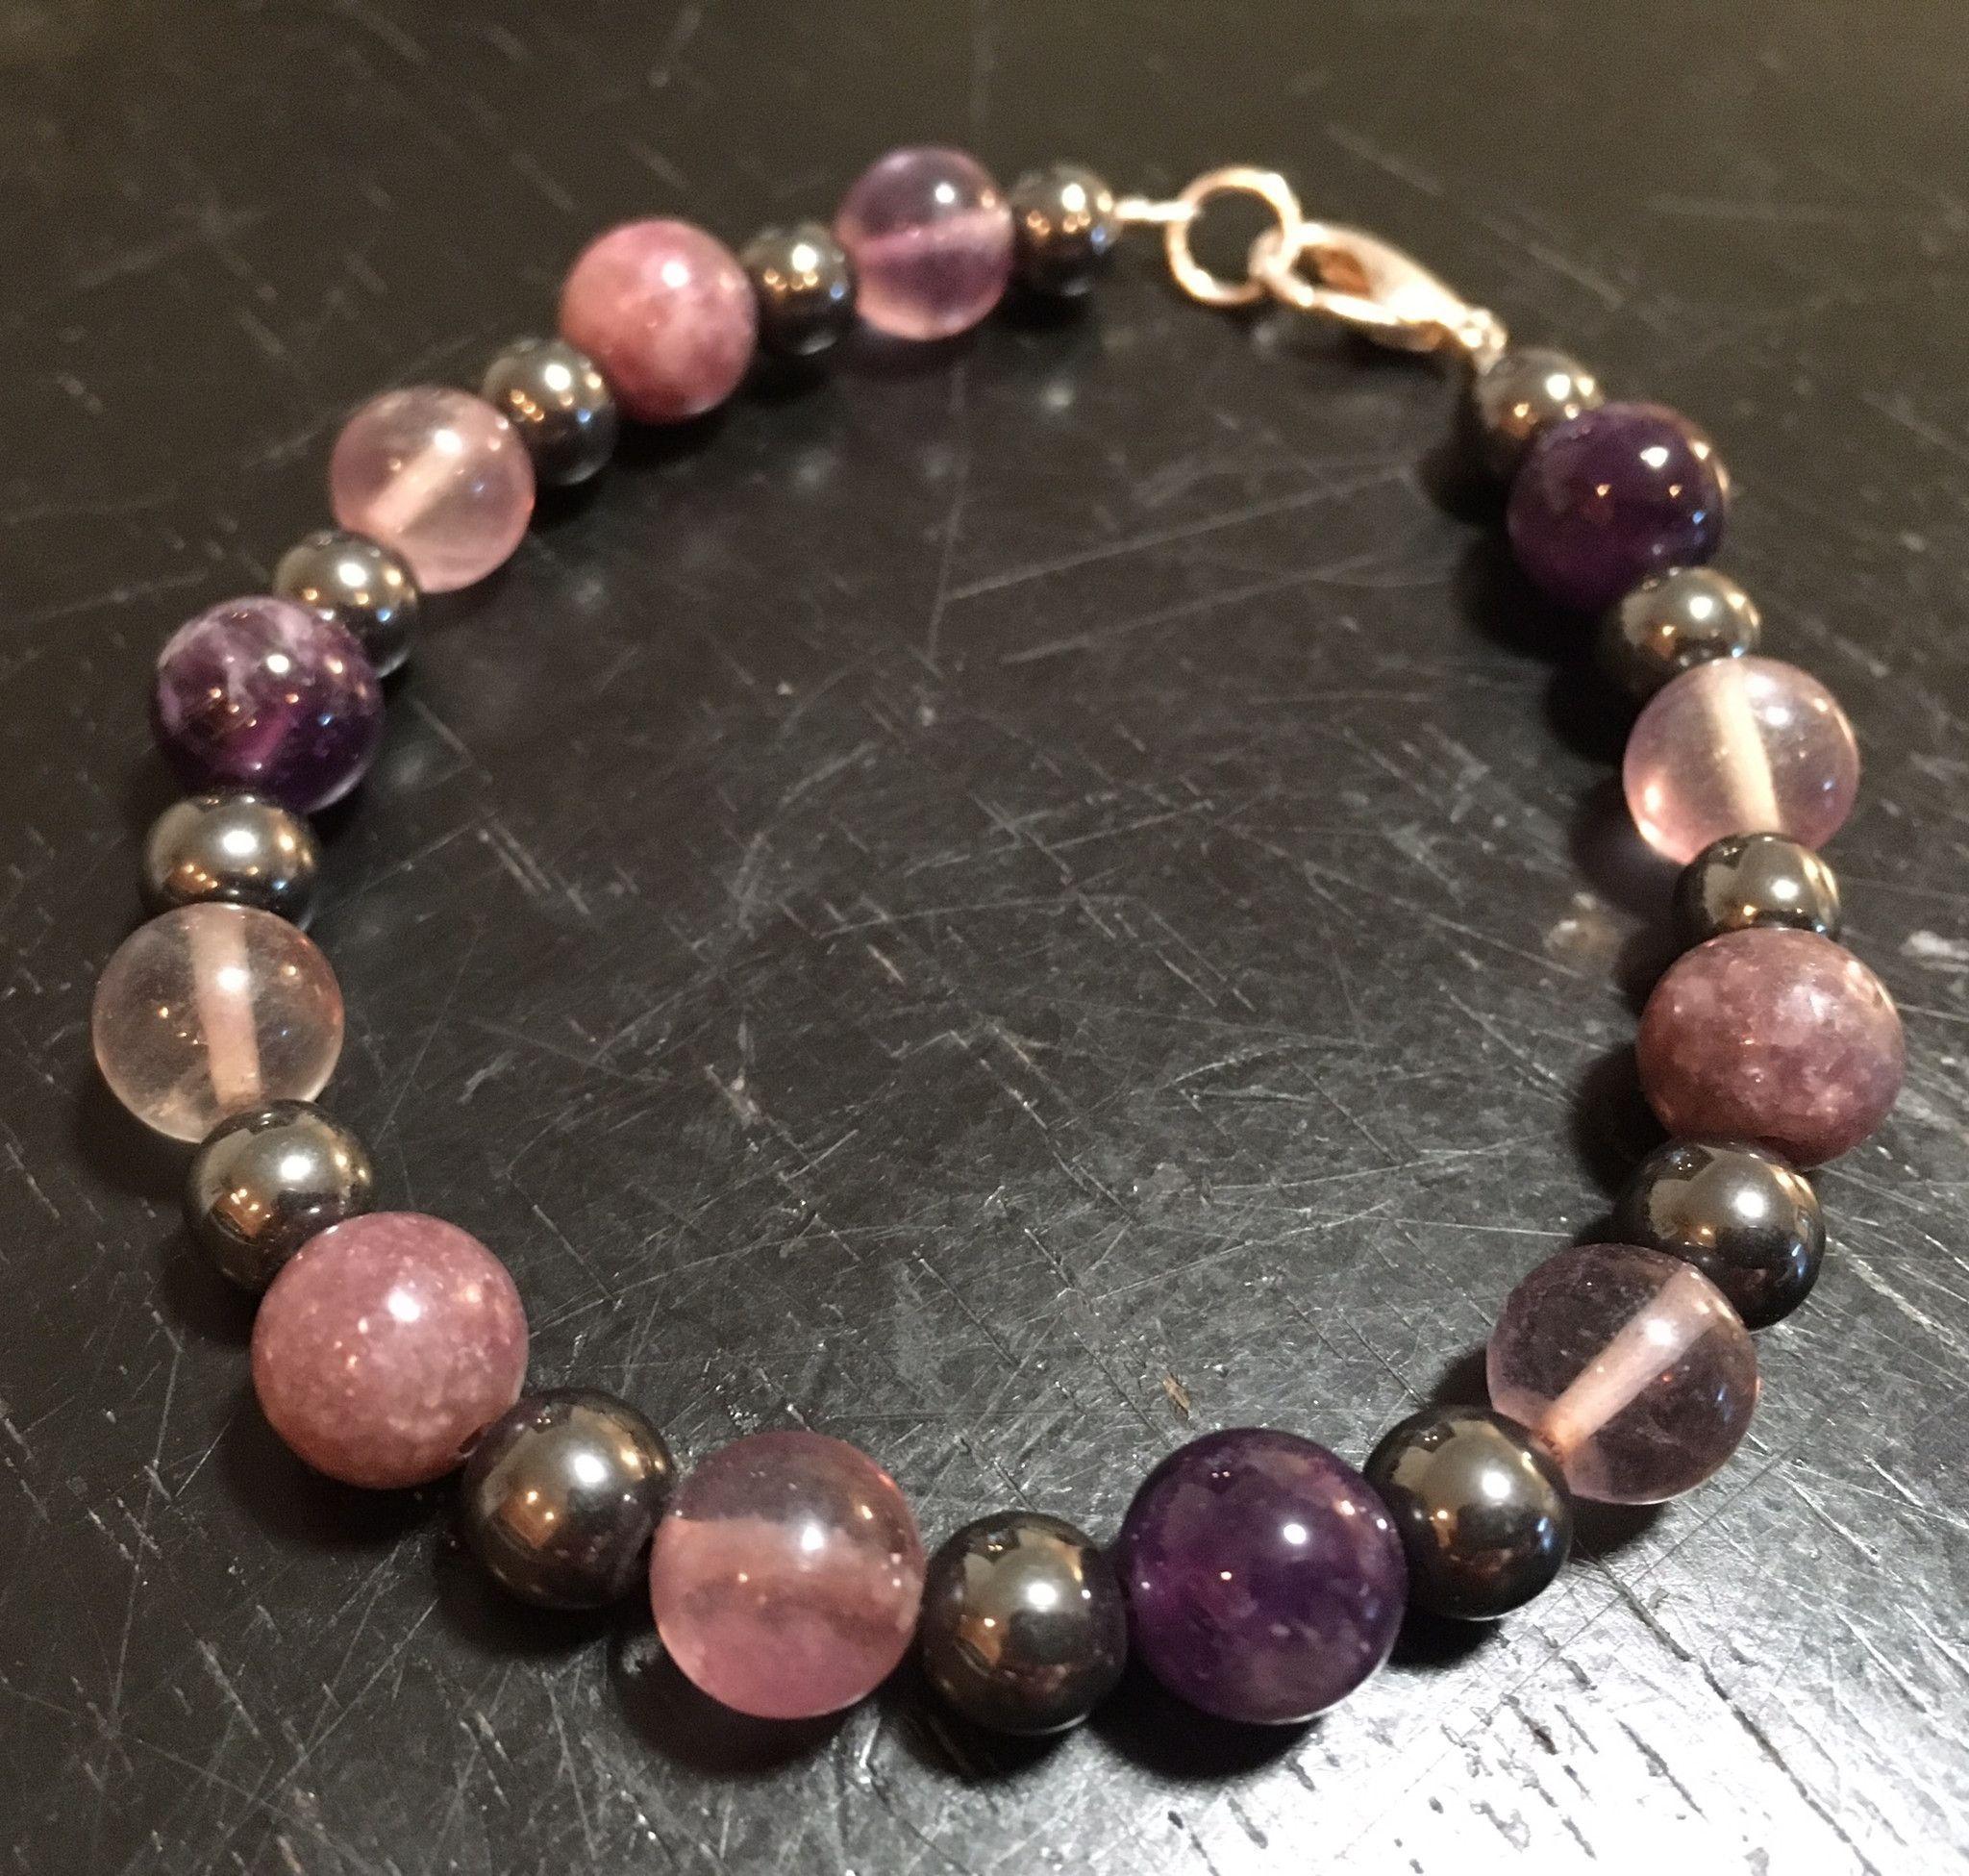 cec08537690c96 ADHD crystal bracelet (Lepidolite, Fluorite, Amethyst, & Hematite) - New  Moon Beginnings - 3